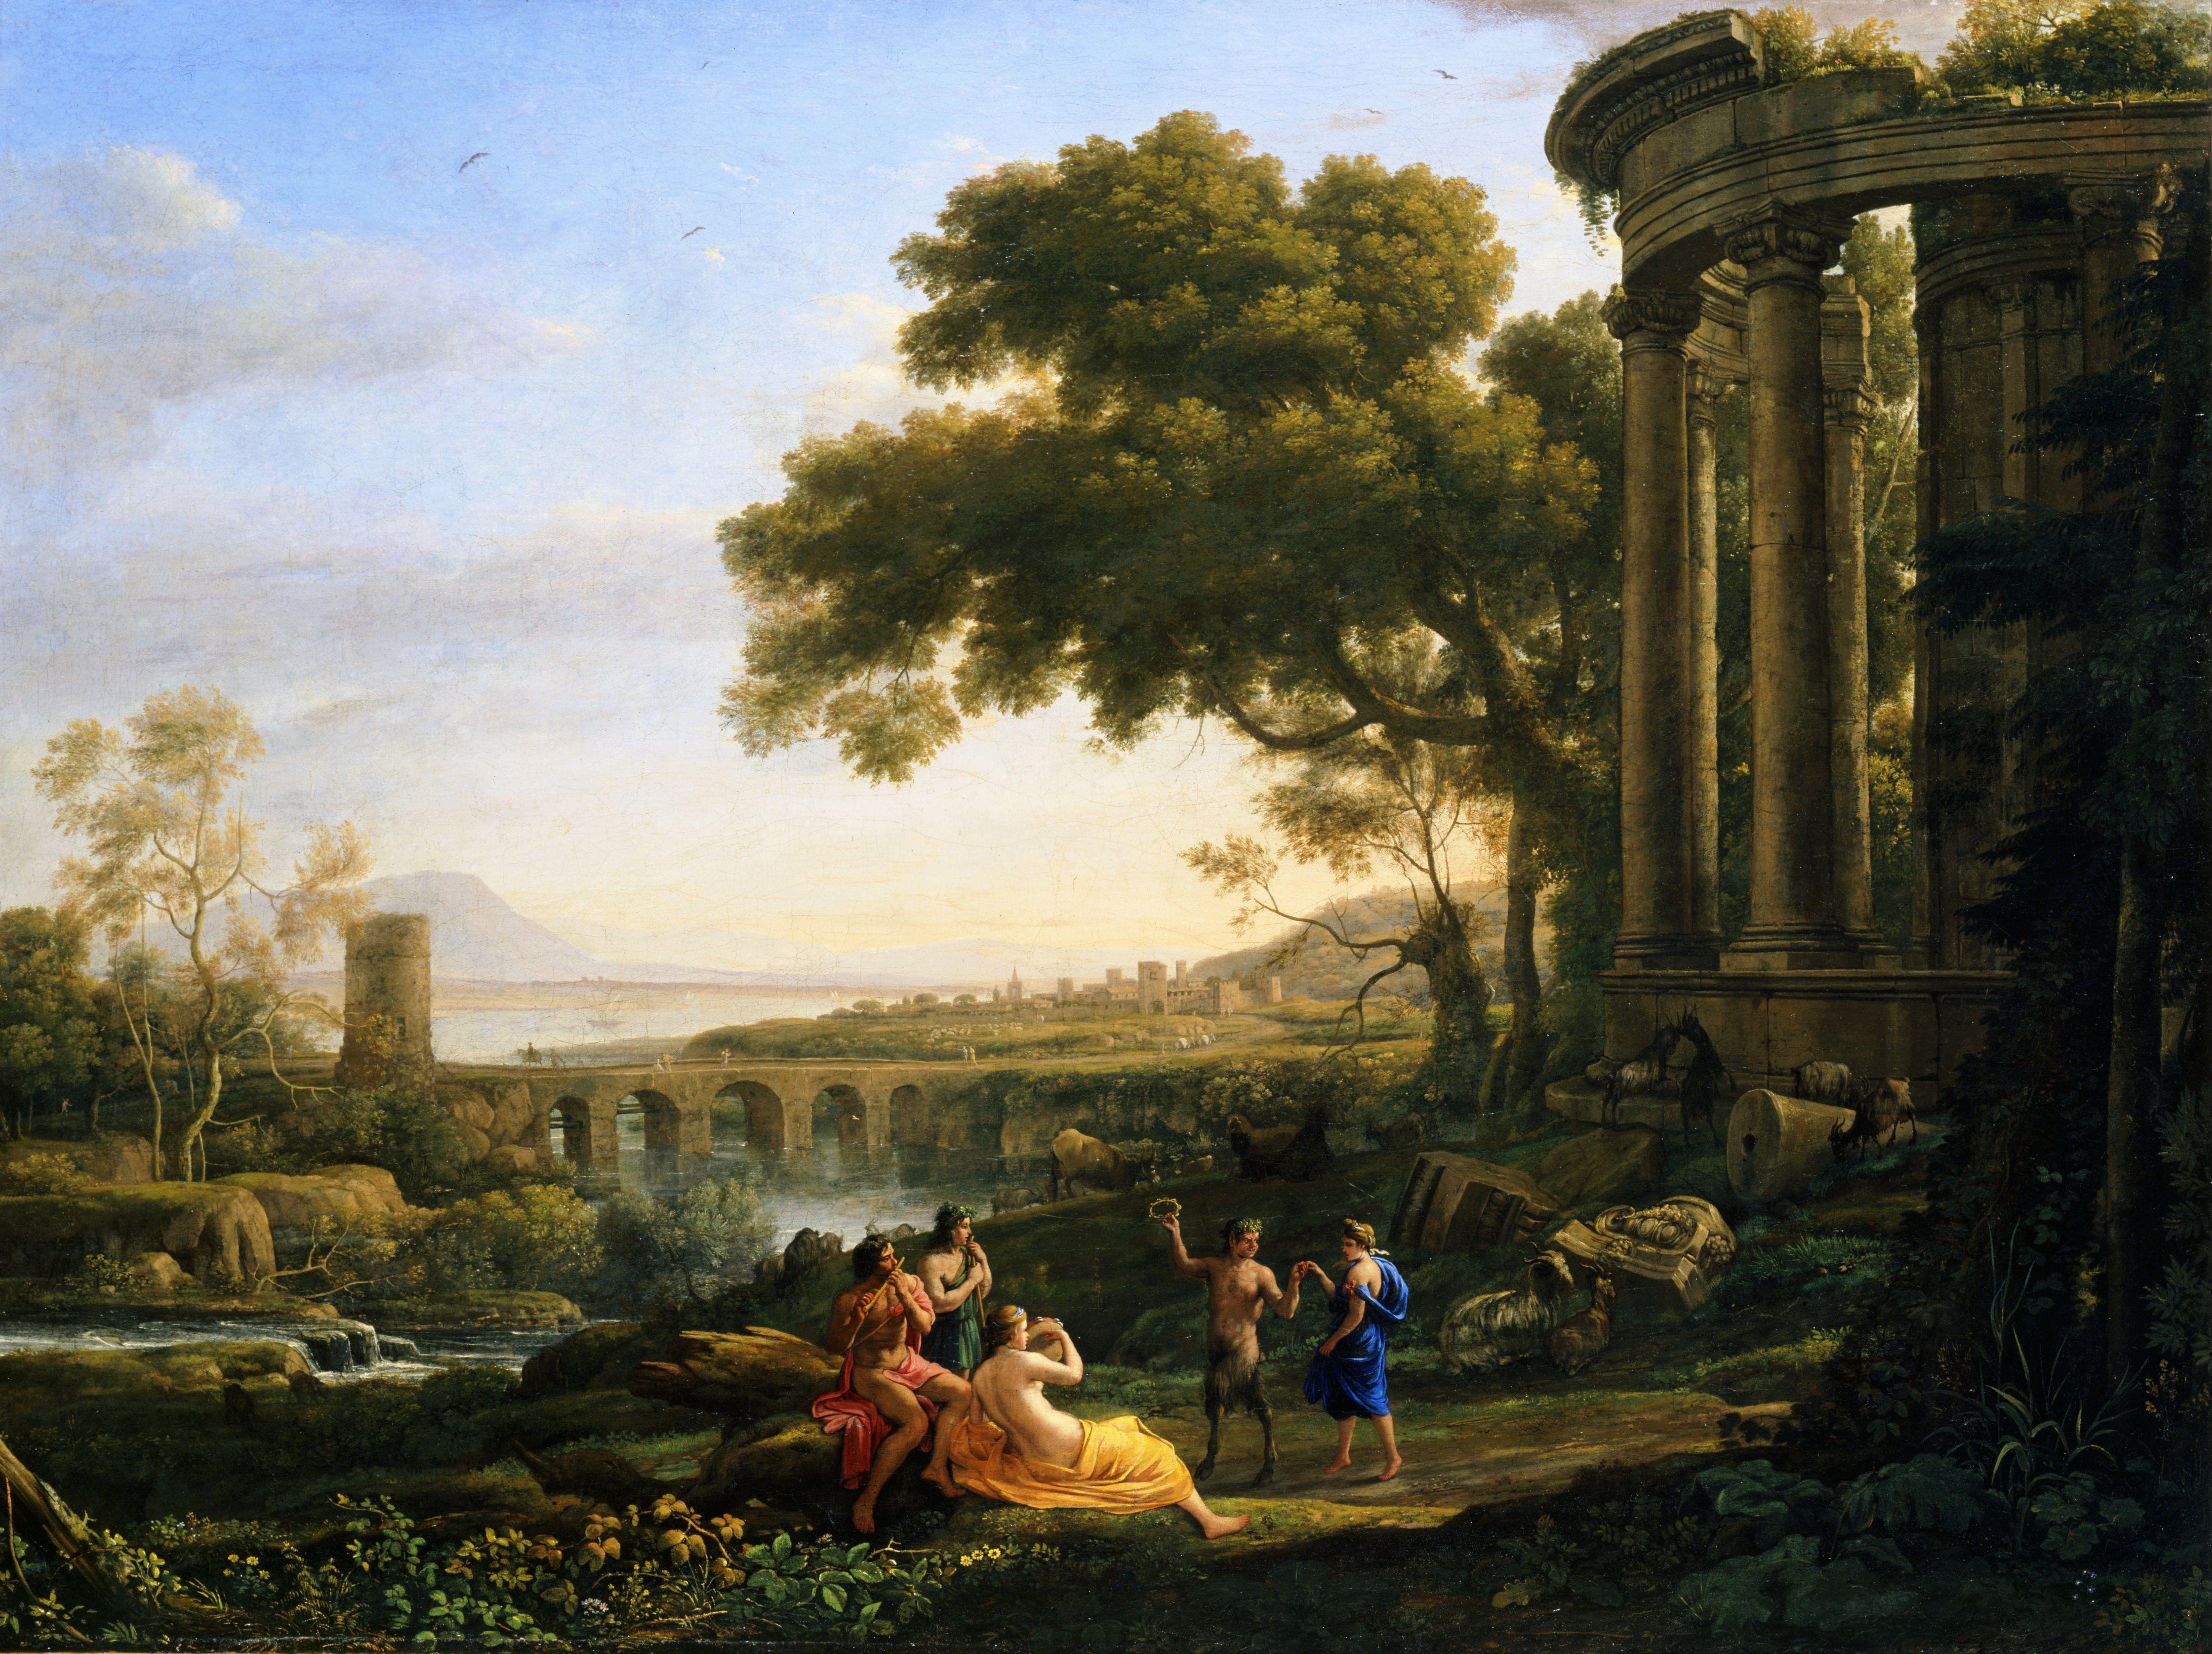 クロード・ロラン (Claude Lorrain)「踊るサテュロスとニンフのいる風景(Landscape with Nymph and Satyr Dancing)」 製作年: 1641 収蔵: トレド美術館